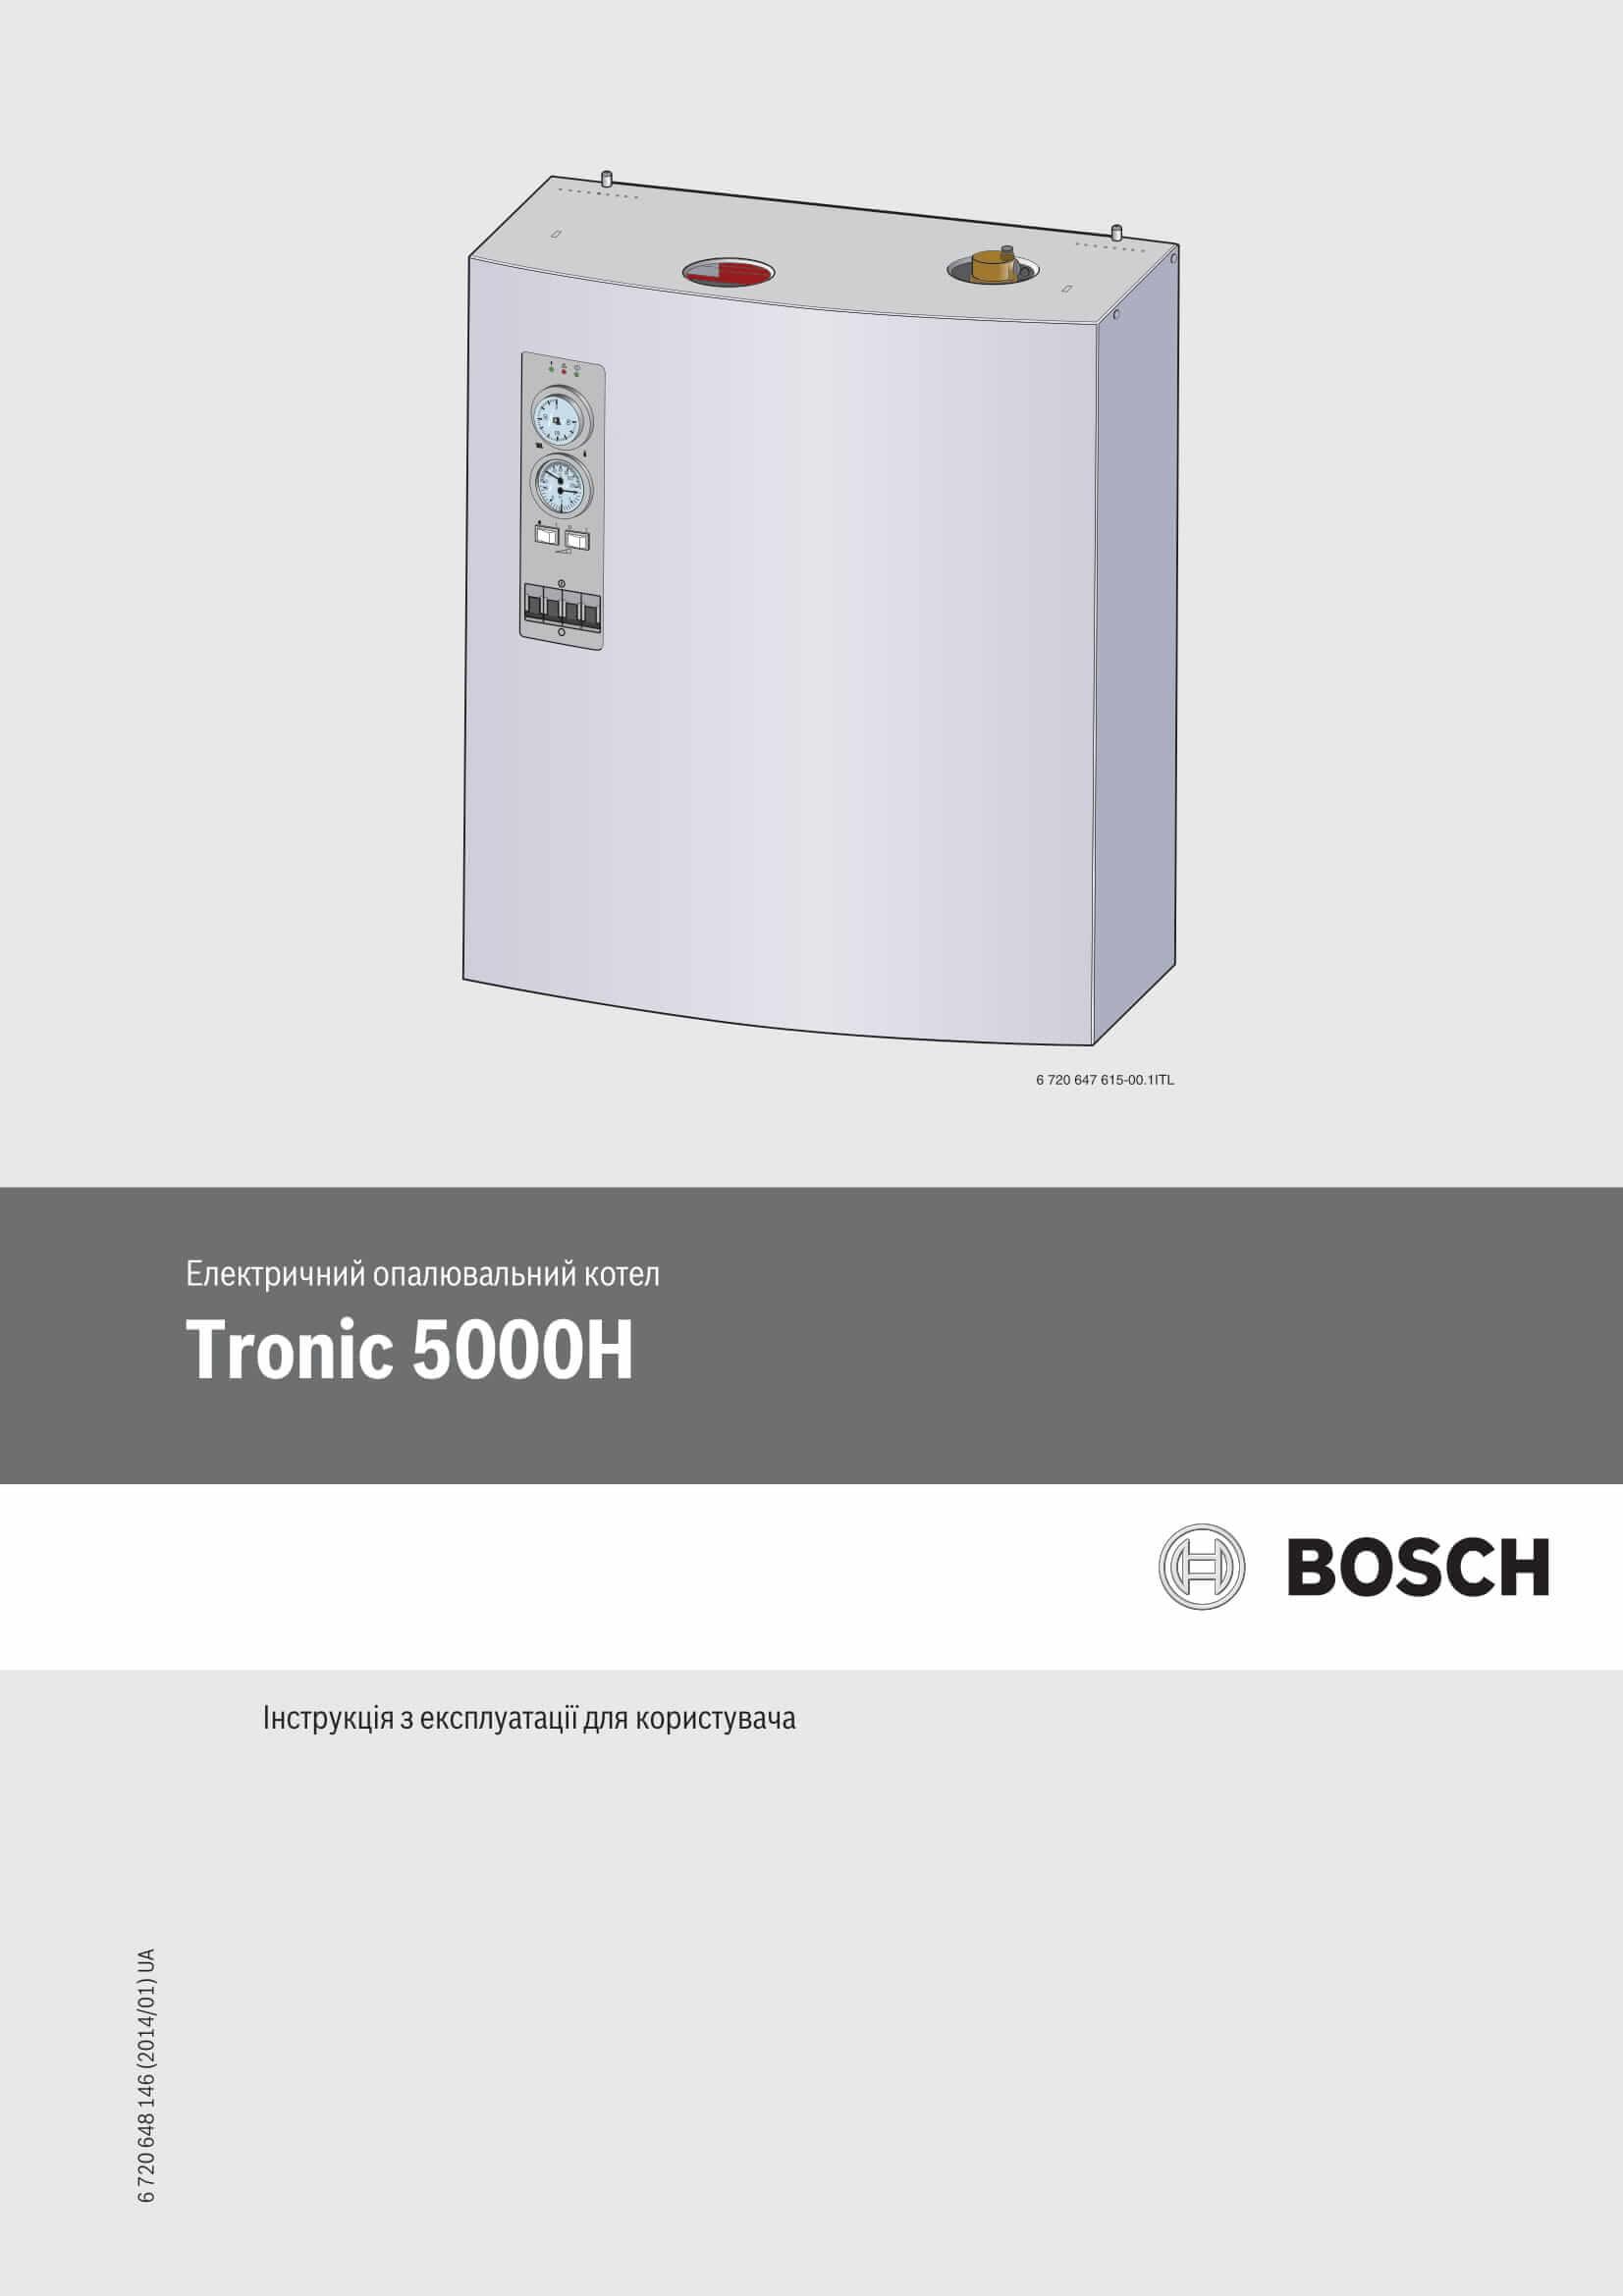 Фотография Инструкция по эксплуатации электрического котла Tronic 5000 H